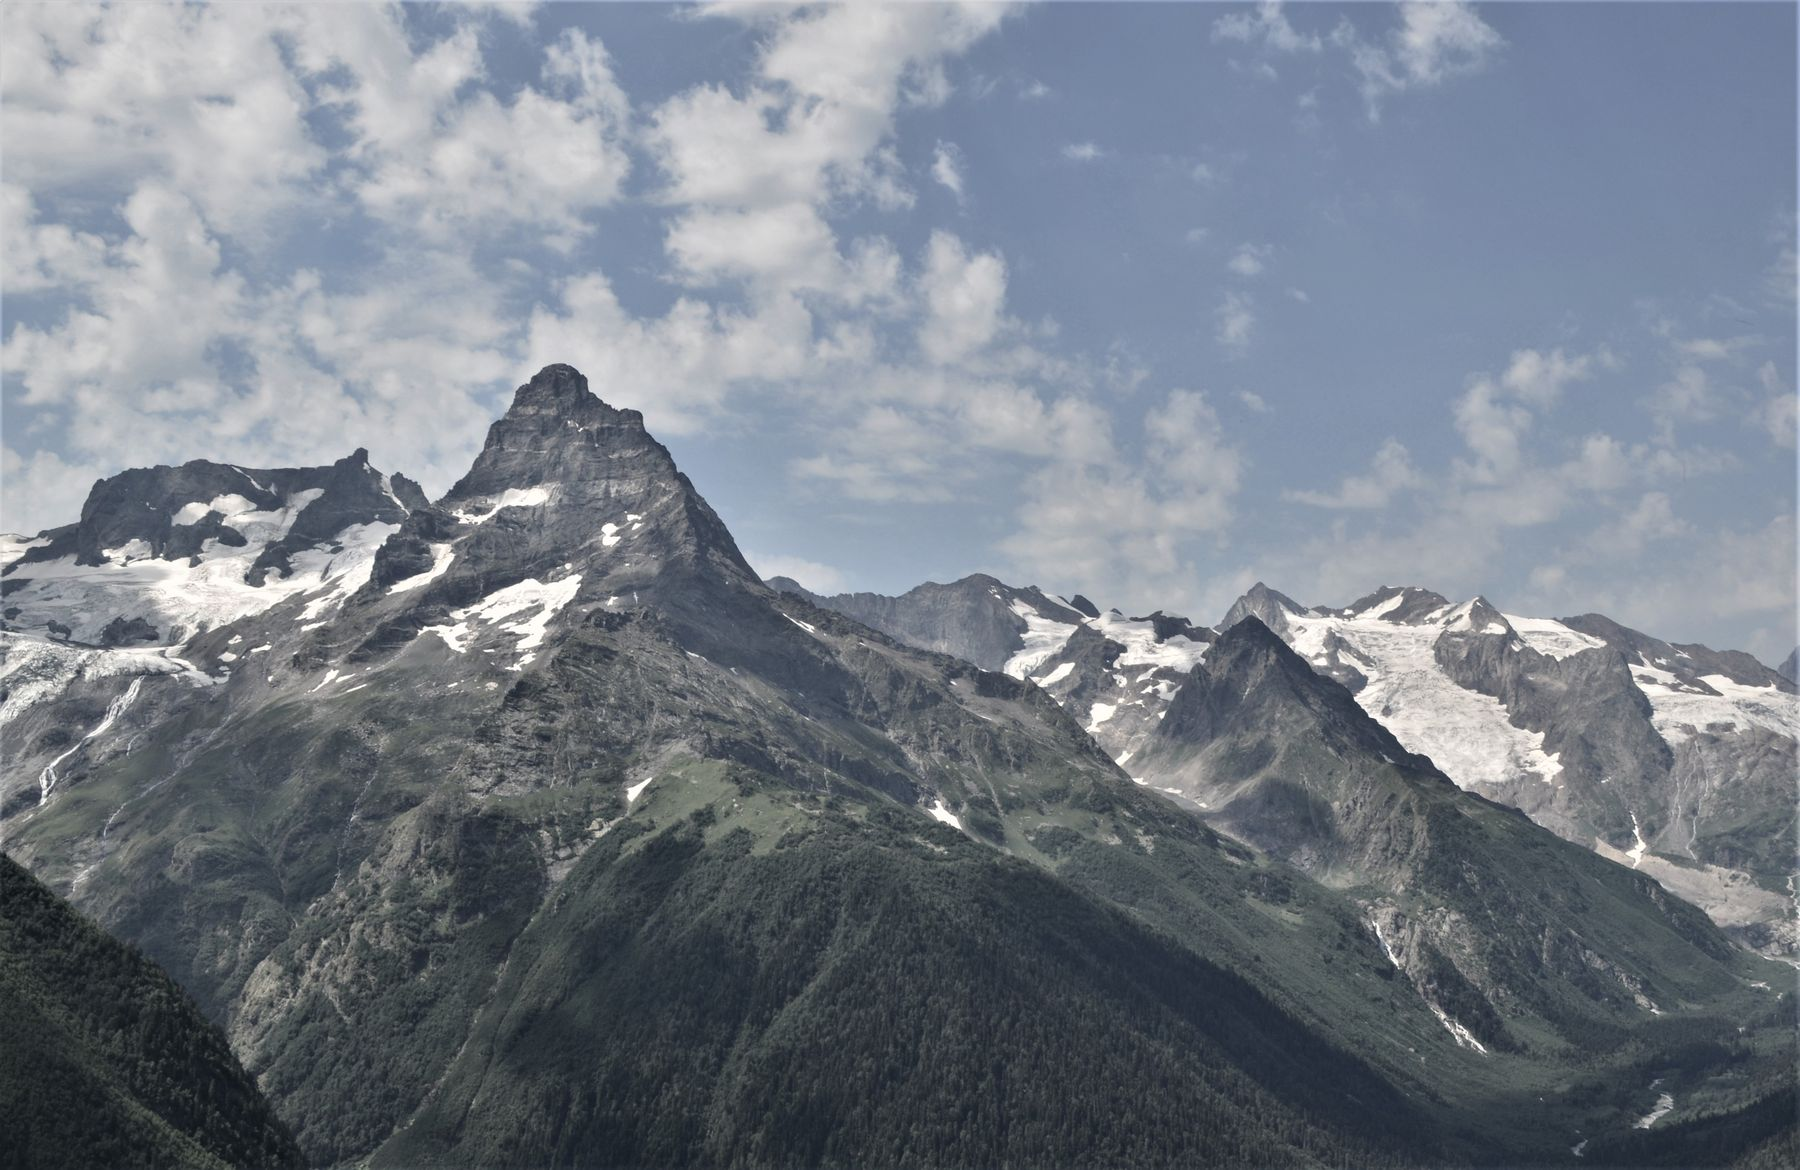 Кавказ -далёкая страна... лето горы Кавказ Домбай путешествие вершины красота небо